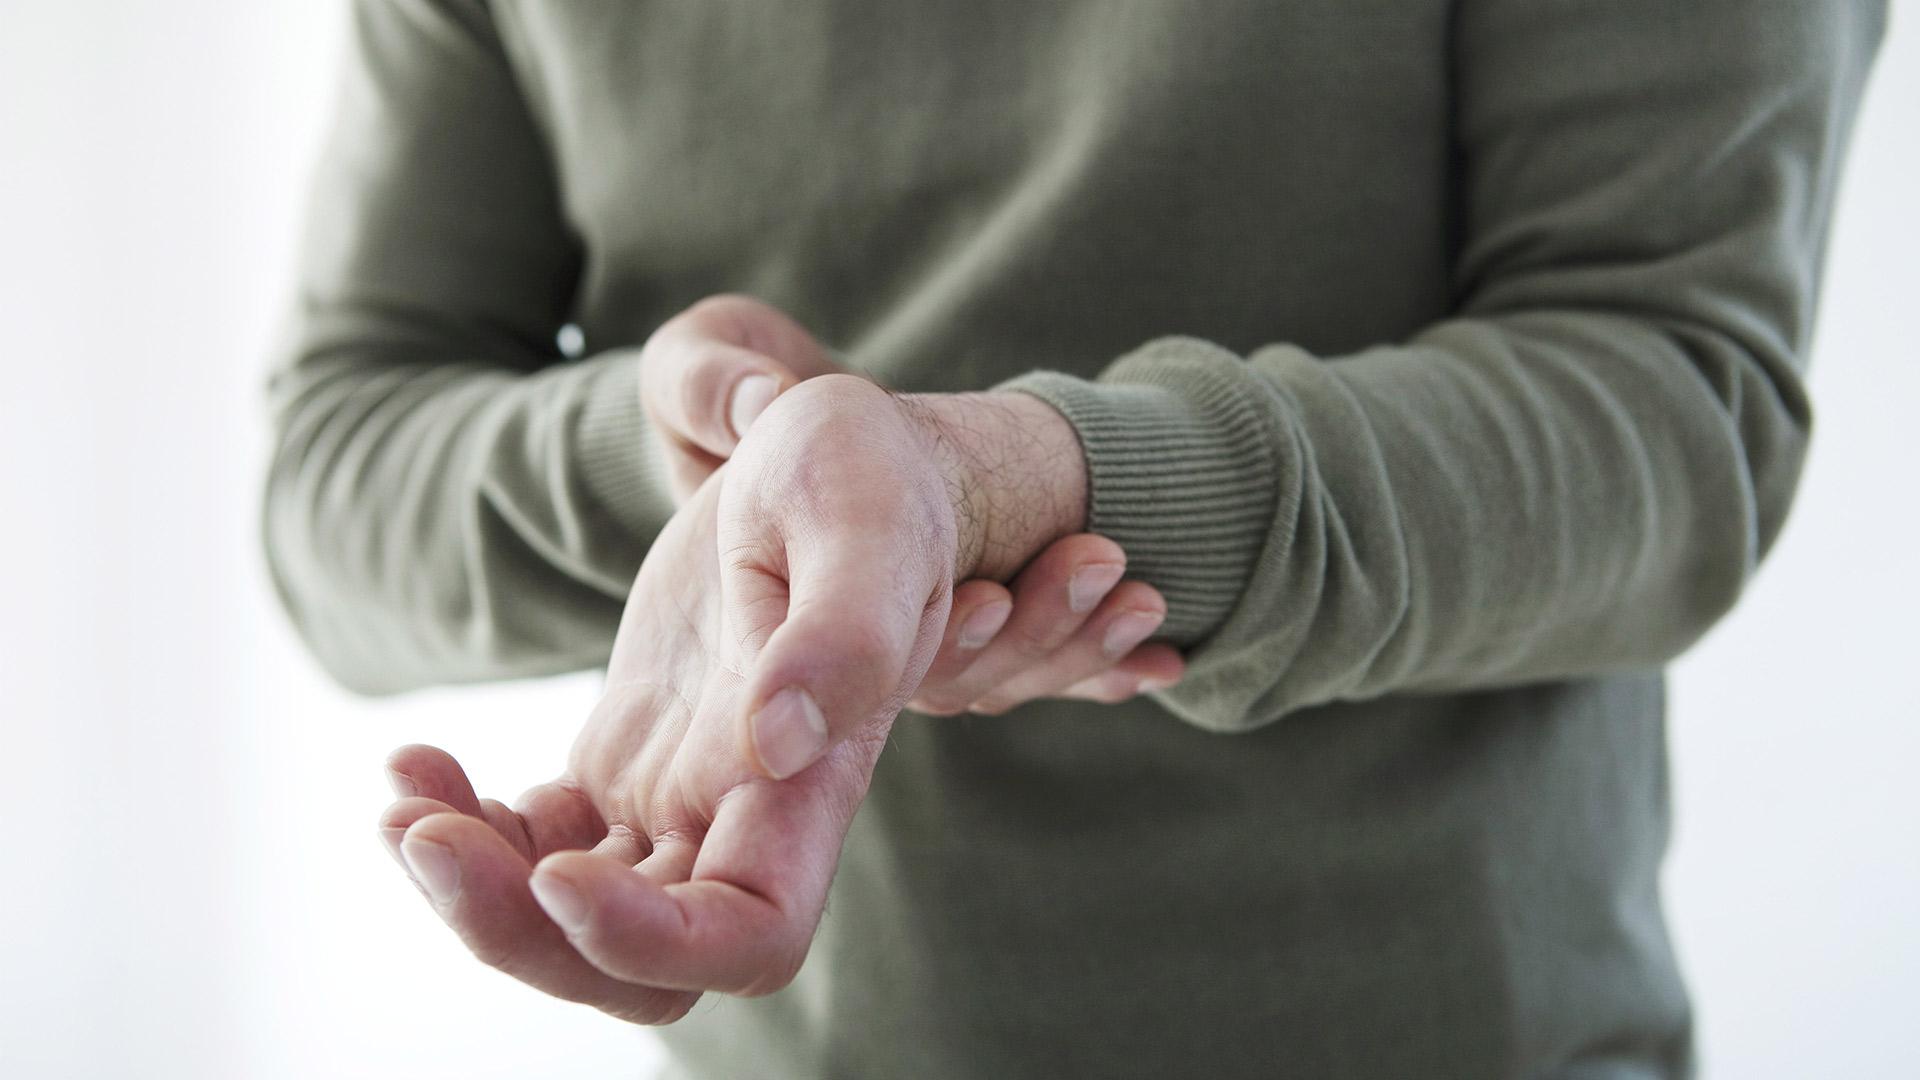 bokaízület ízületi gyulladása hogyan kell kezelni térdfájdalmak ízületek vagy idegek